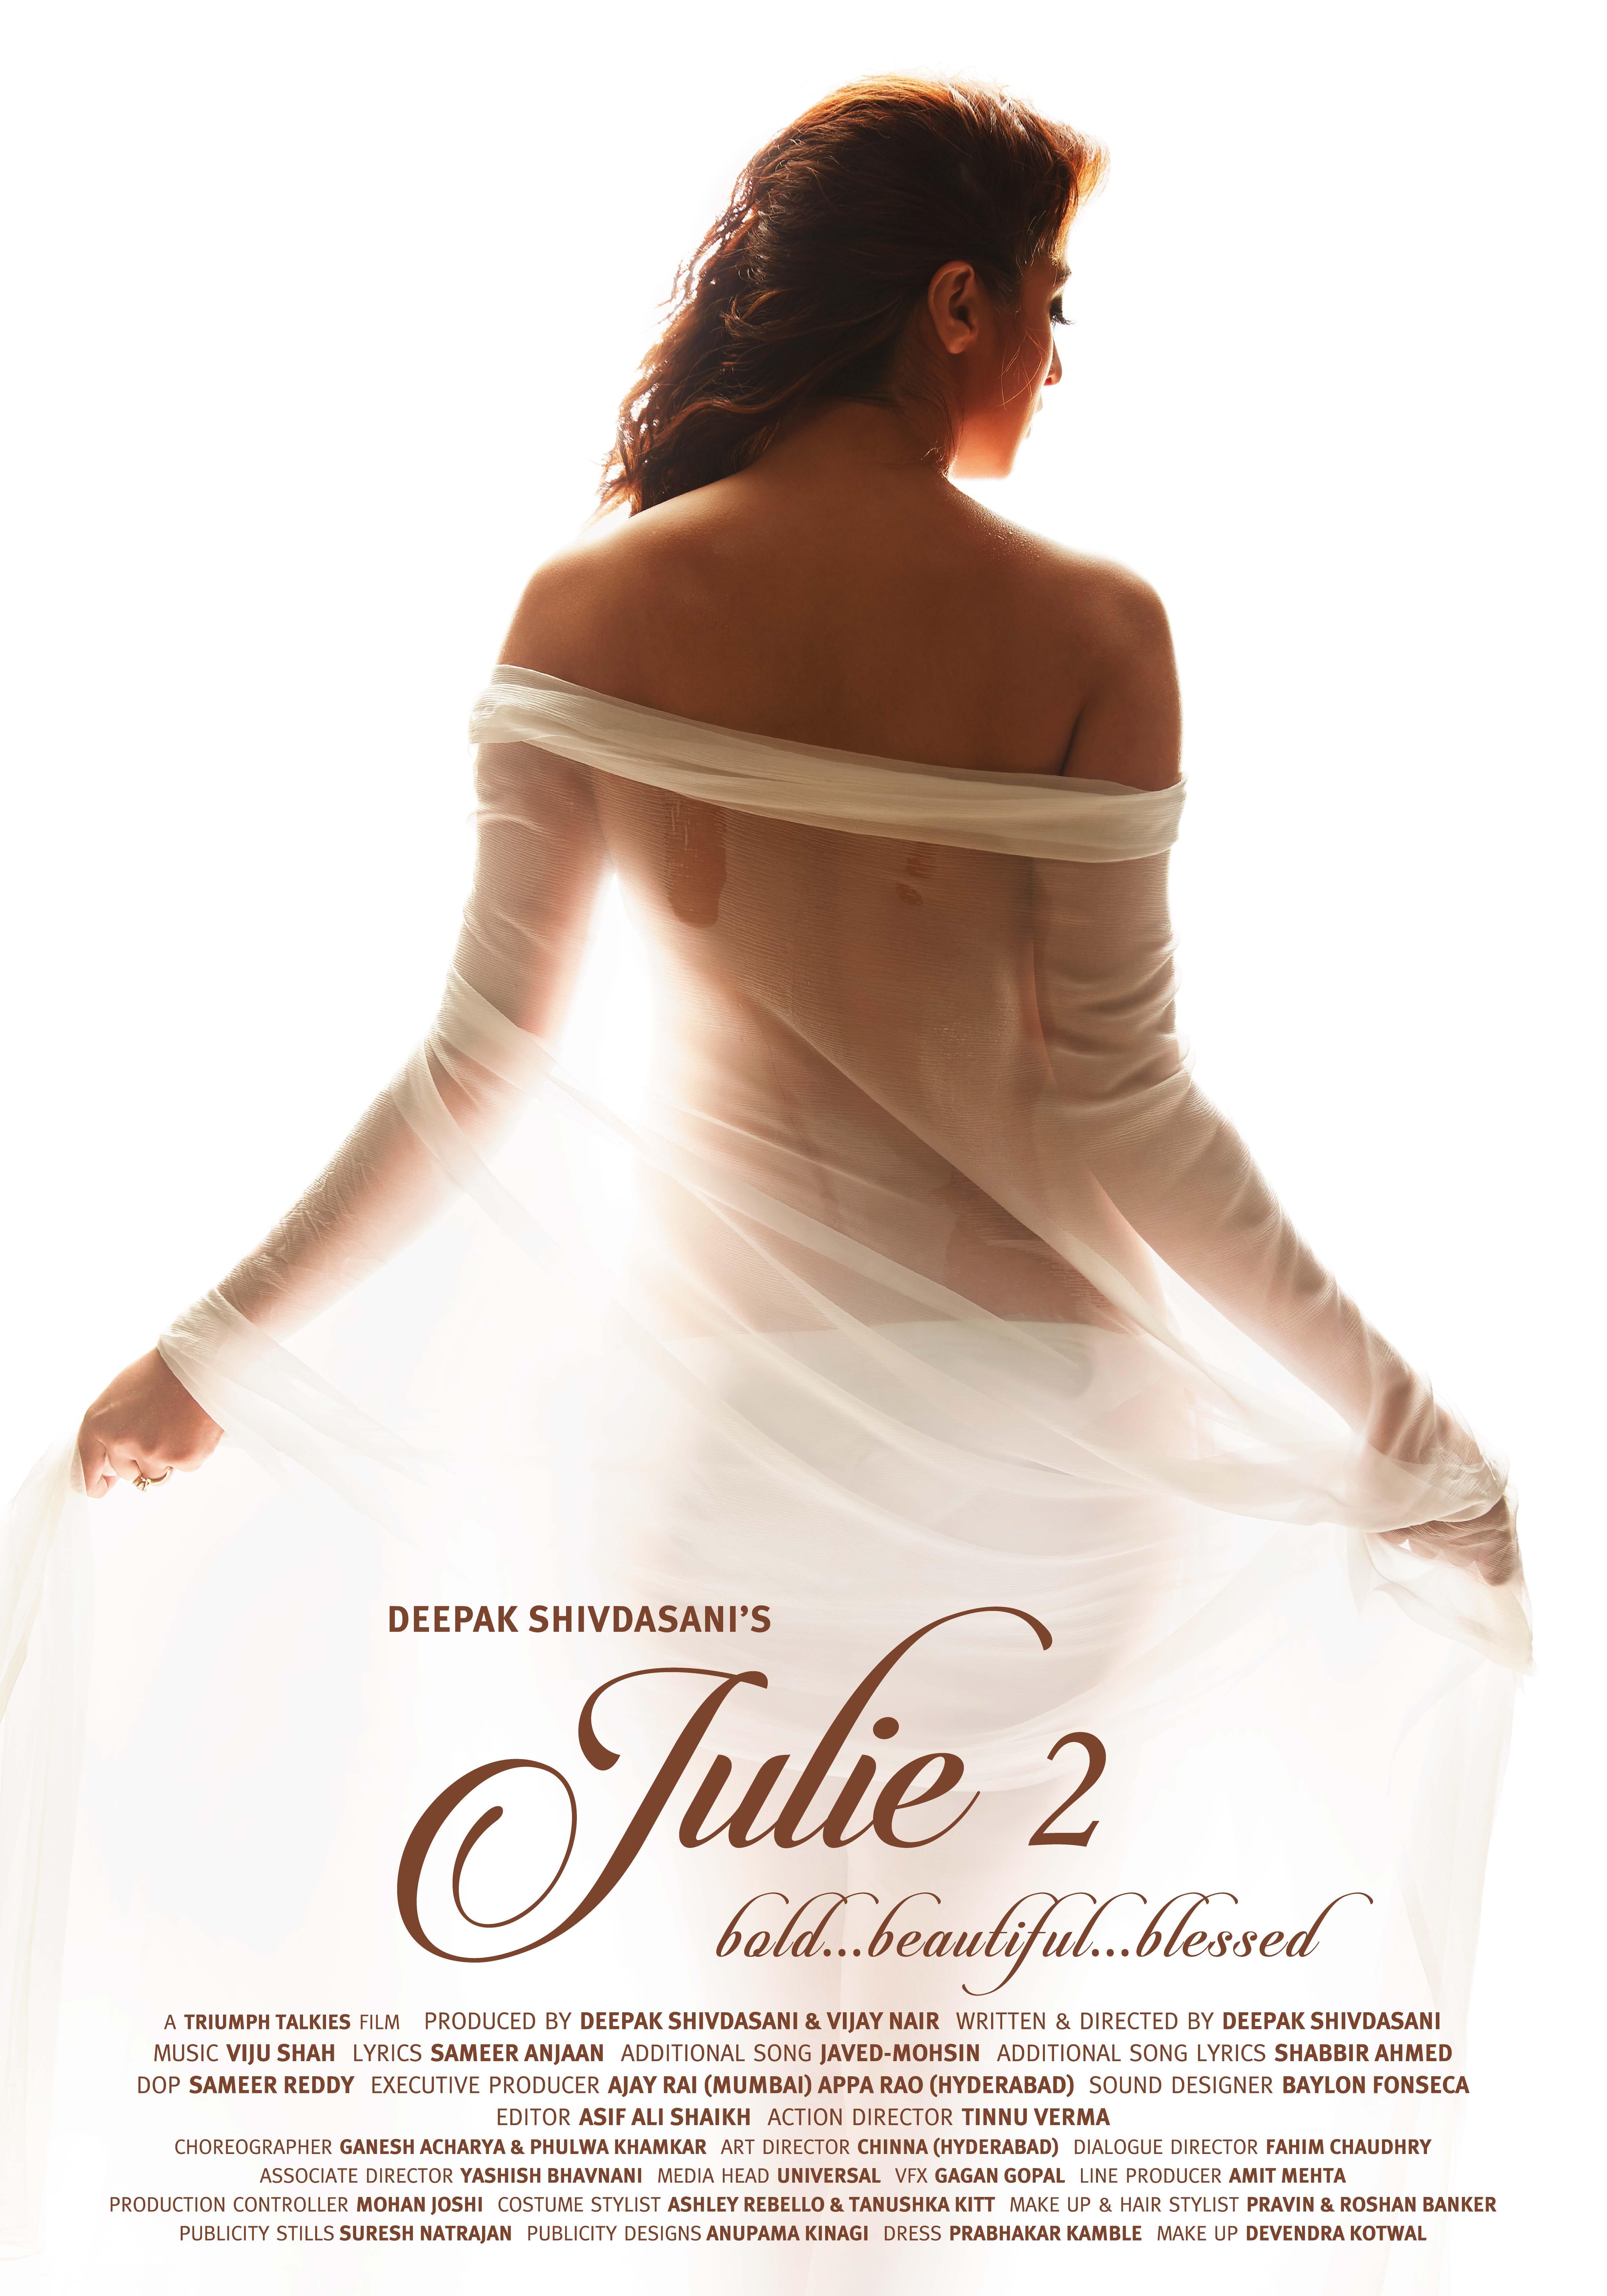 Julie 2 first poster